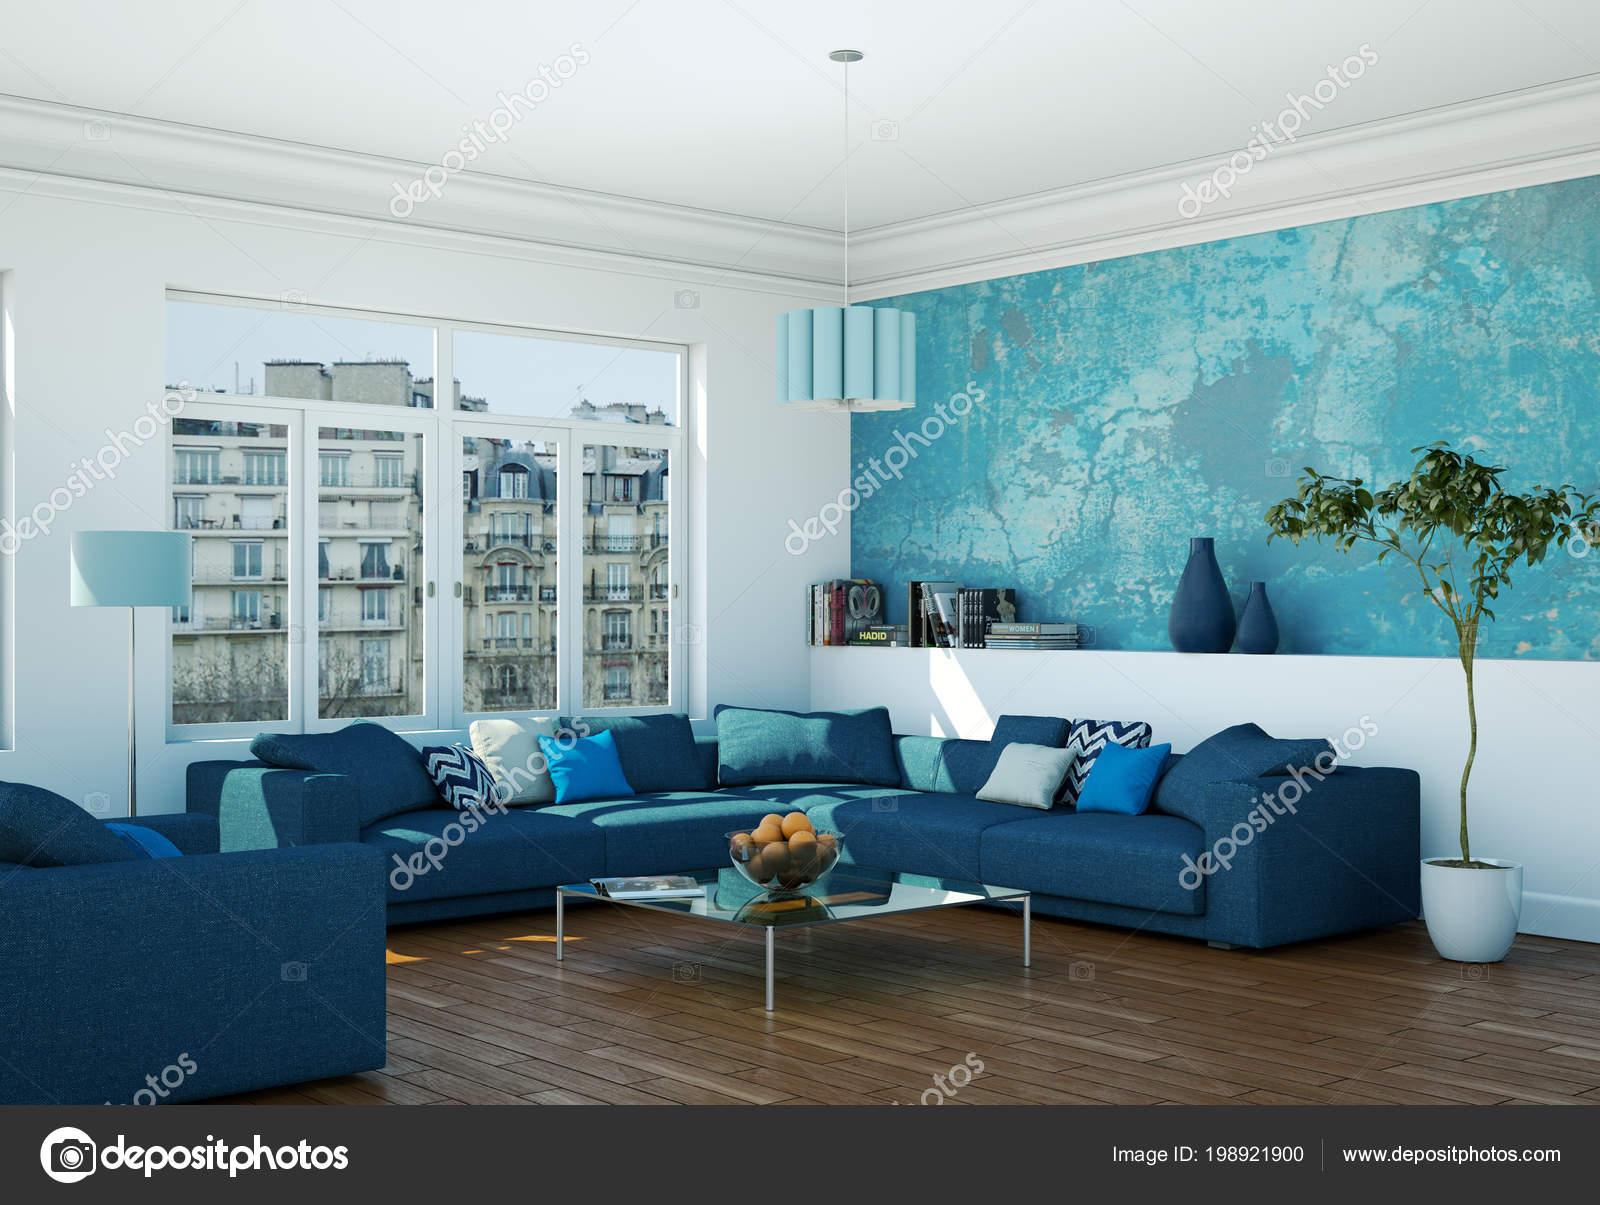 Arredamento moderno luminoso soggiorno con divani blu for Arredamento casa bianco